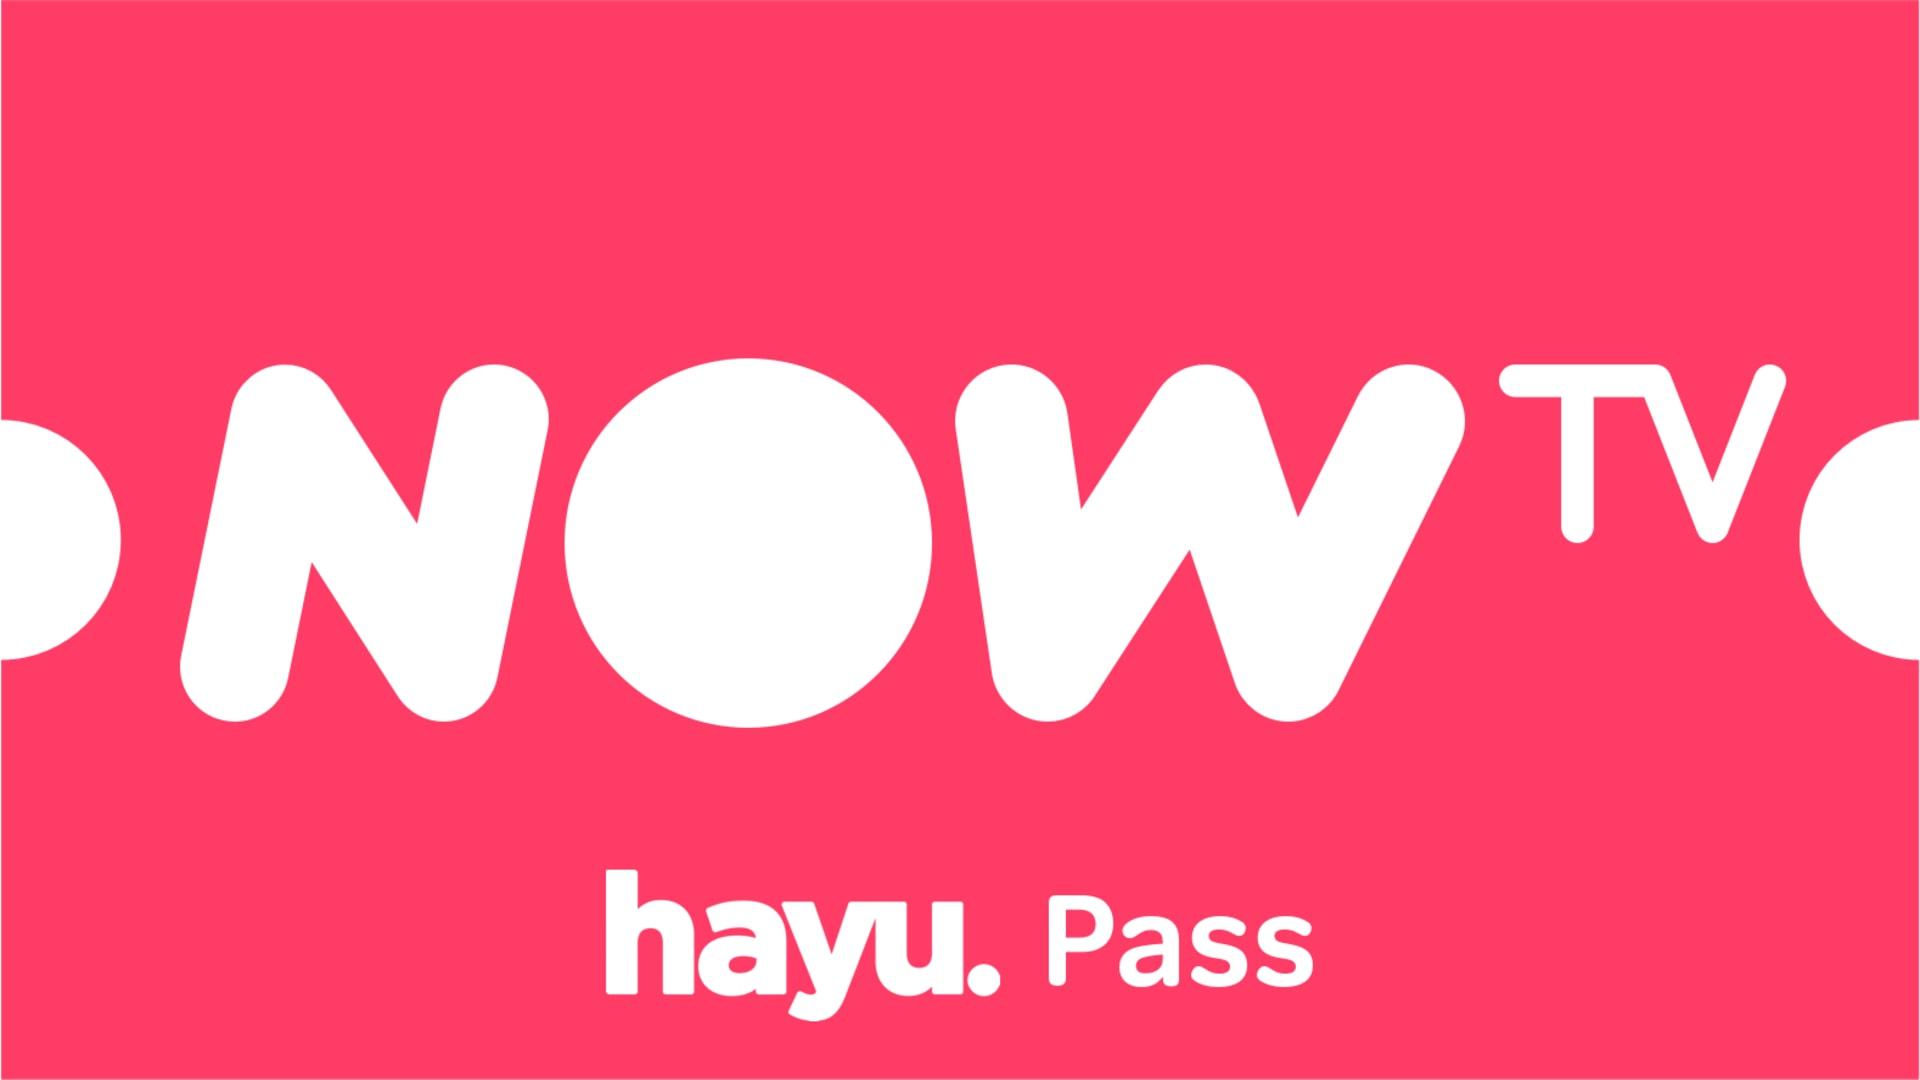 cheap now tv pass vouchers offers deals hayu